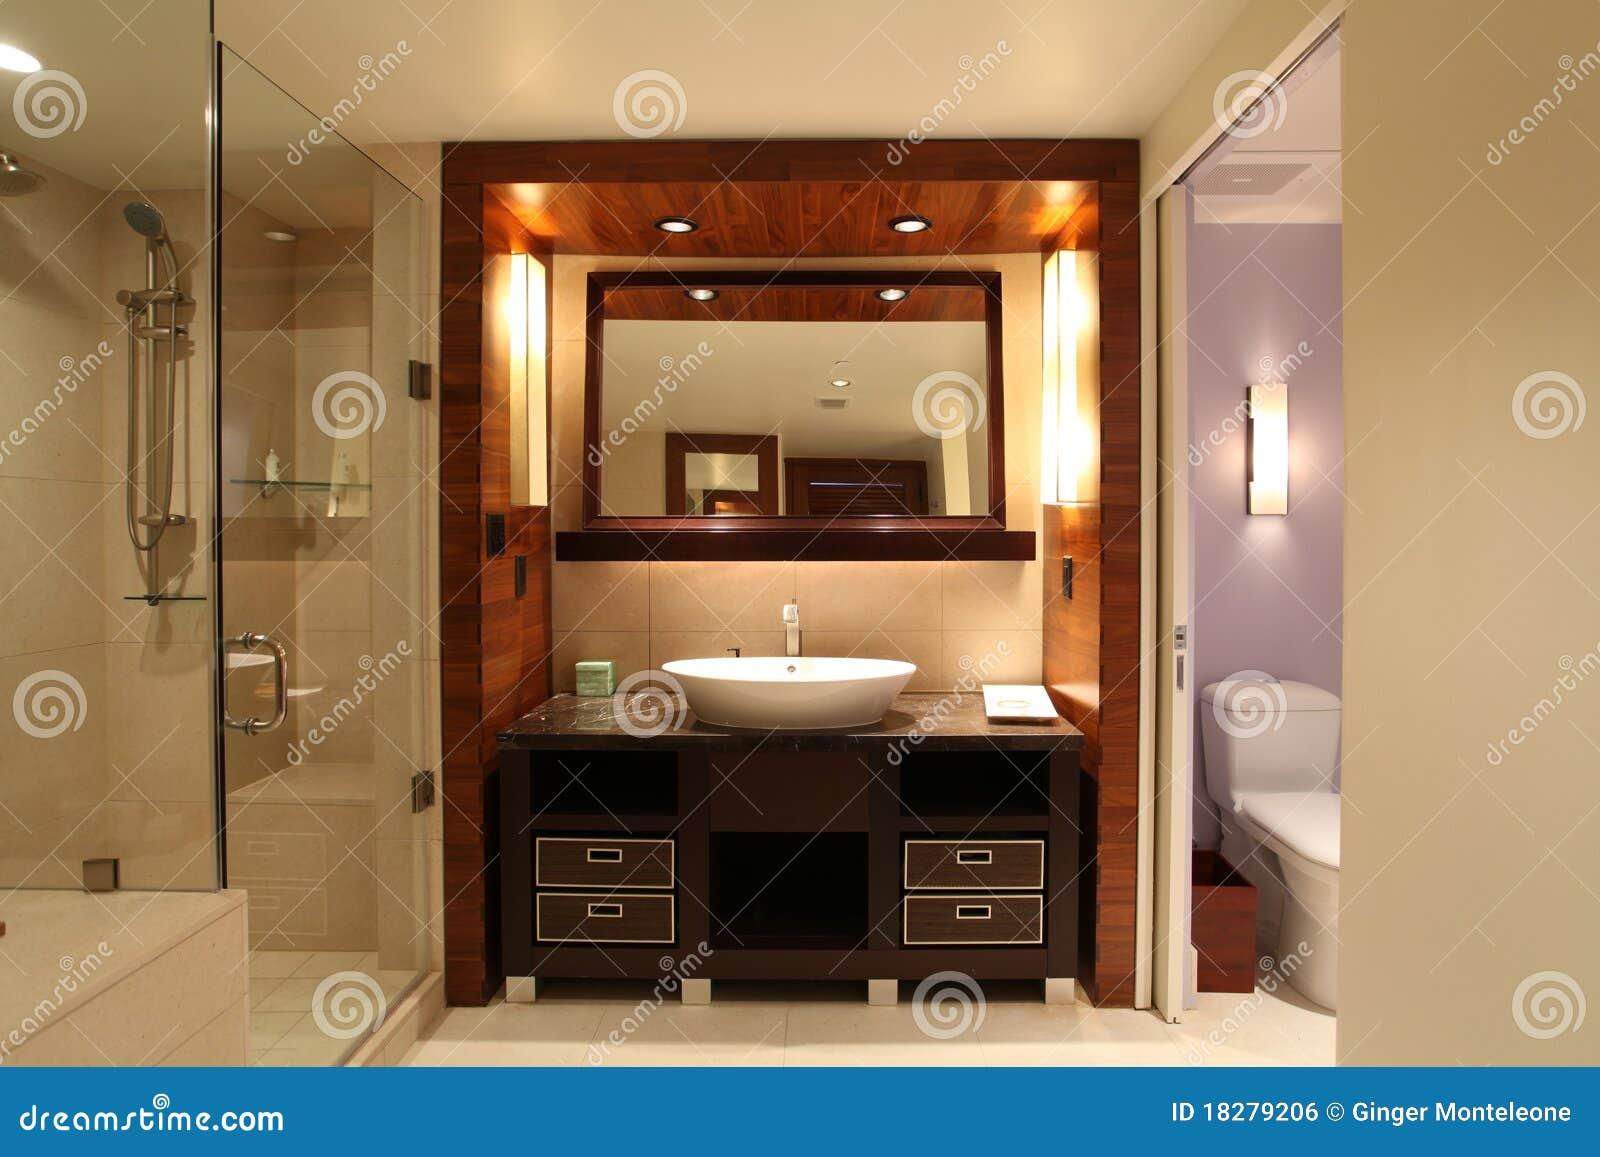 Salle de bains romantique photo stock. Image du bassin - 18279206